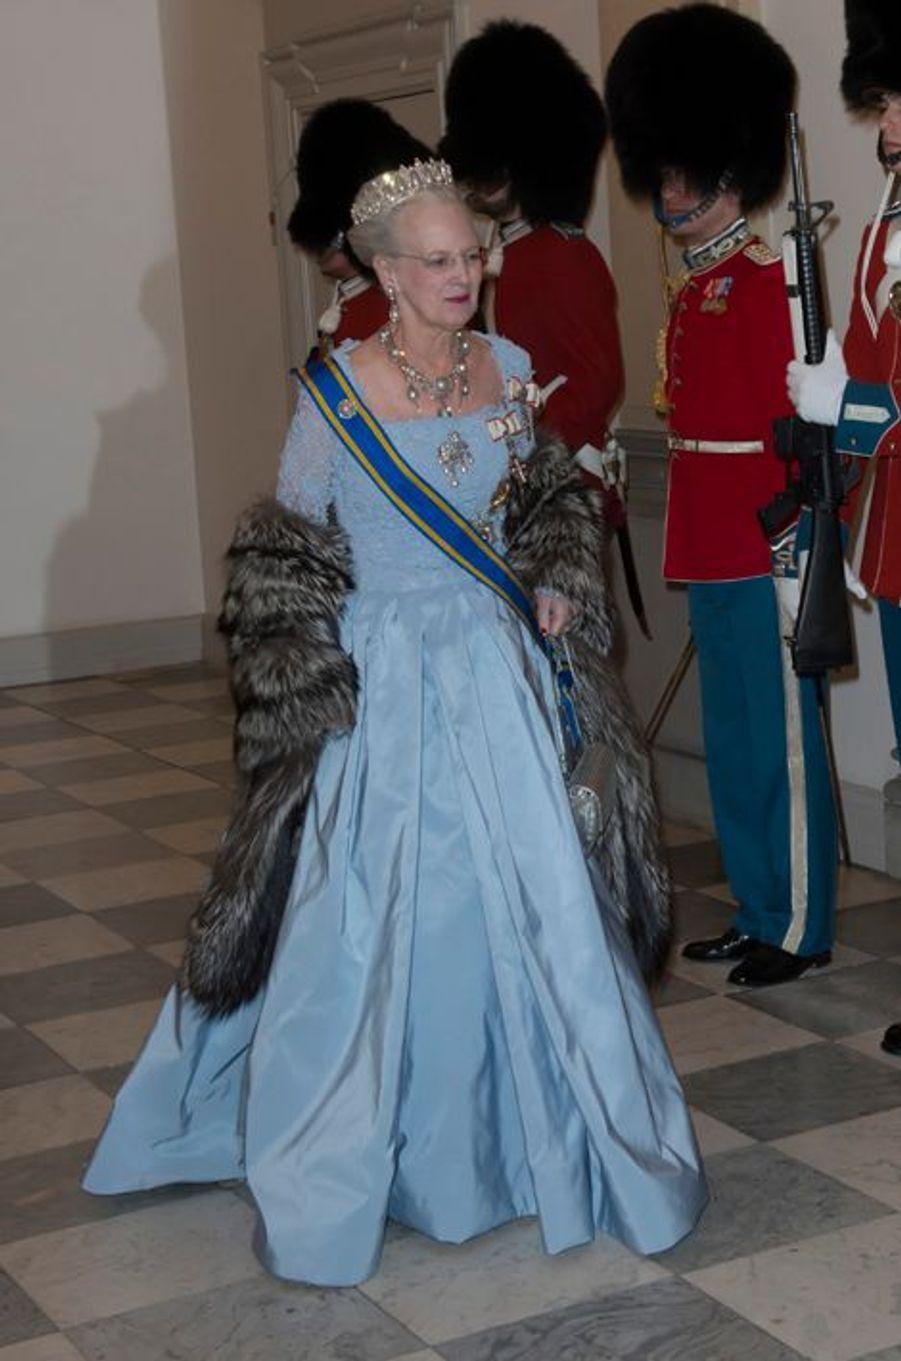 La reine Margrethe II de Danemark à Copenhague le 17 mars 2015